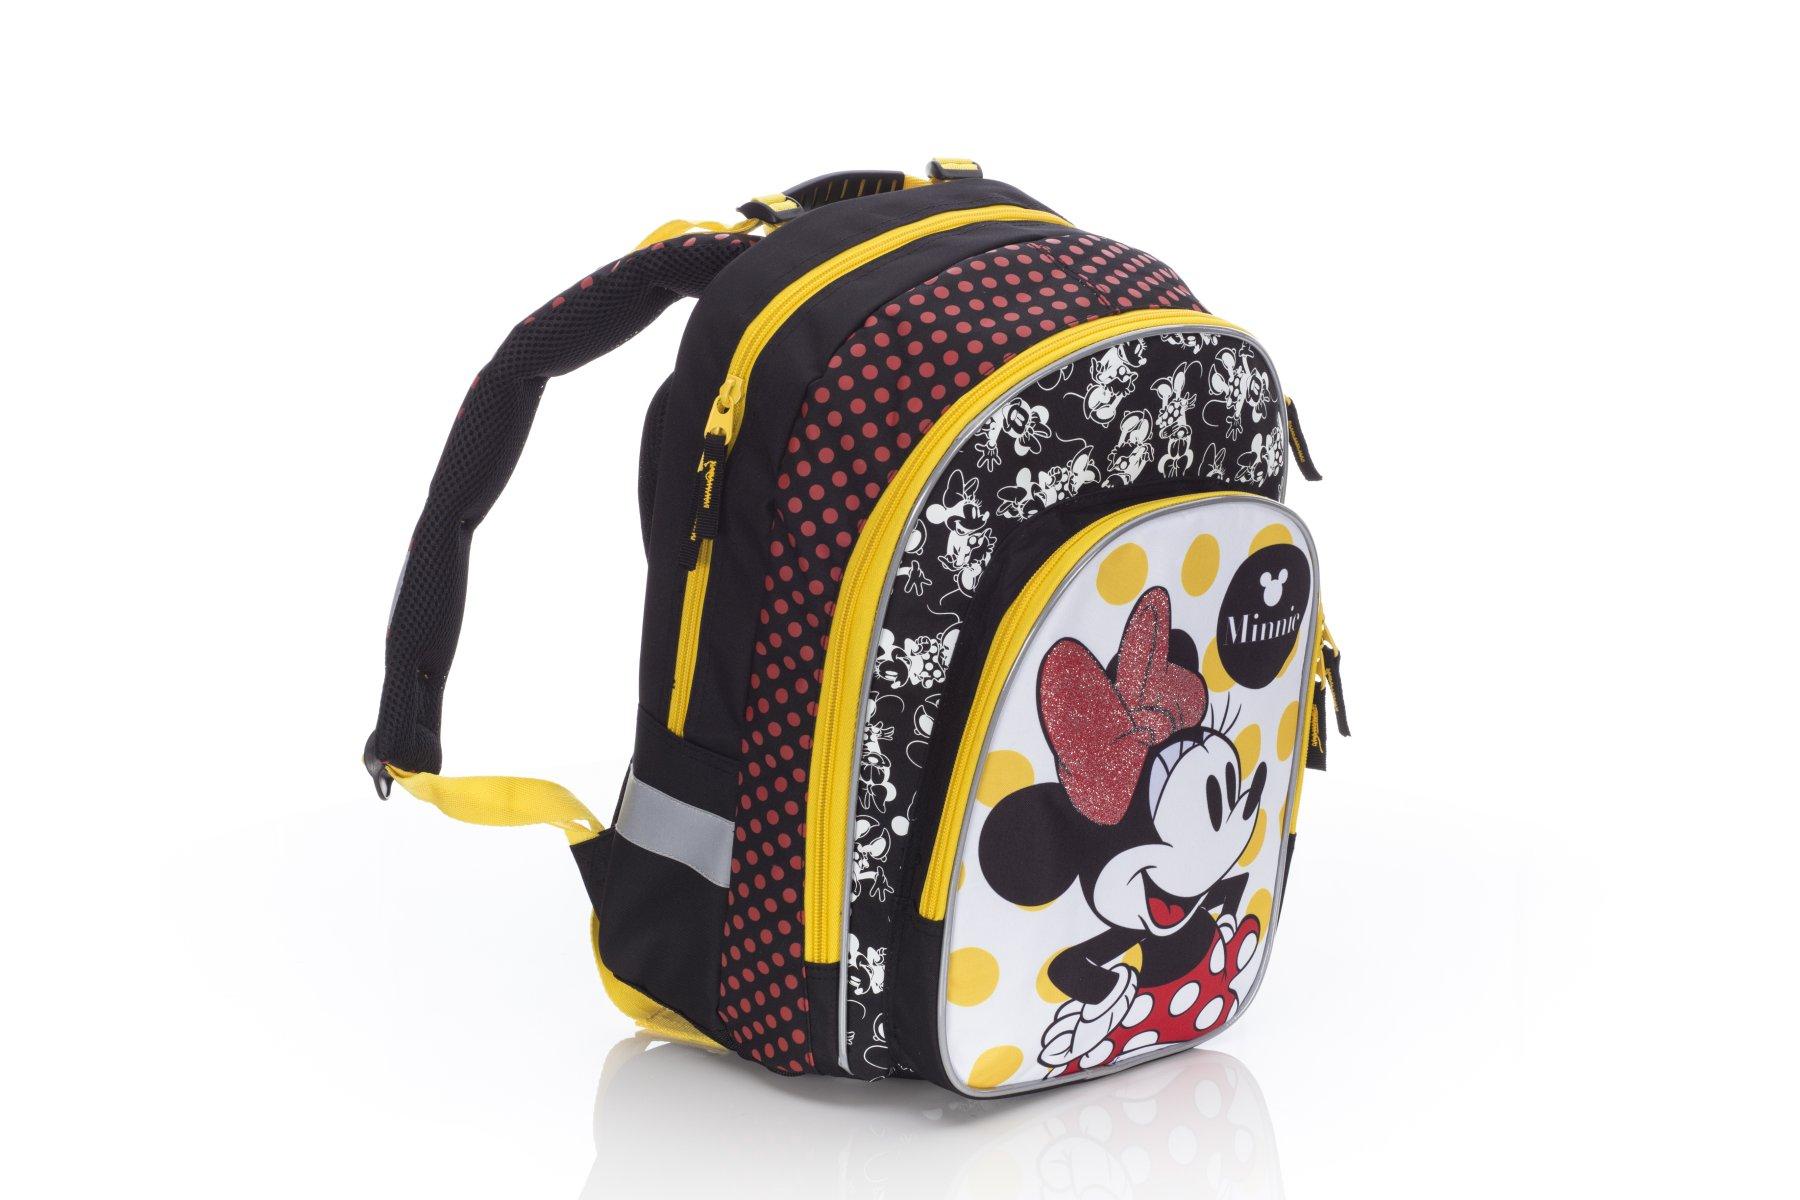 e4912163dd0 Školní batoh ERGO Minnie - Školní potřeby » BATOHY A AKTOVKY » ERGO